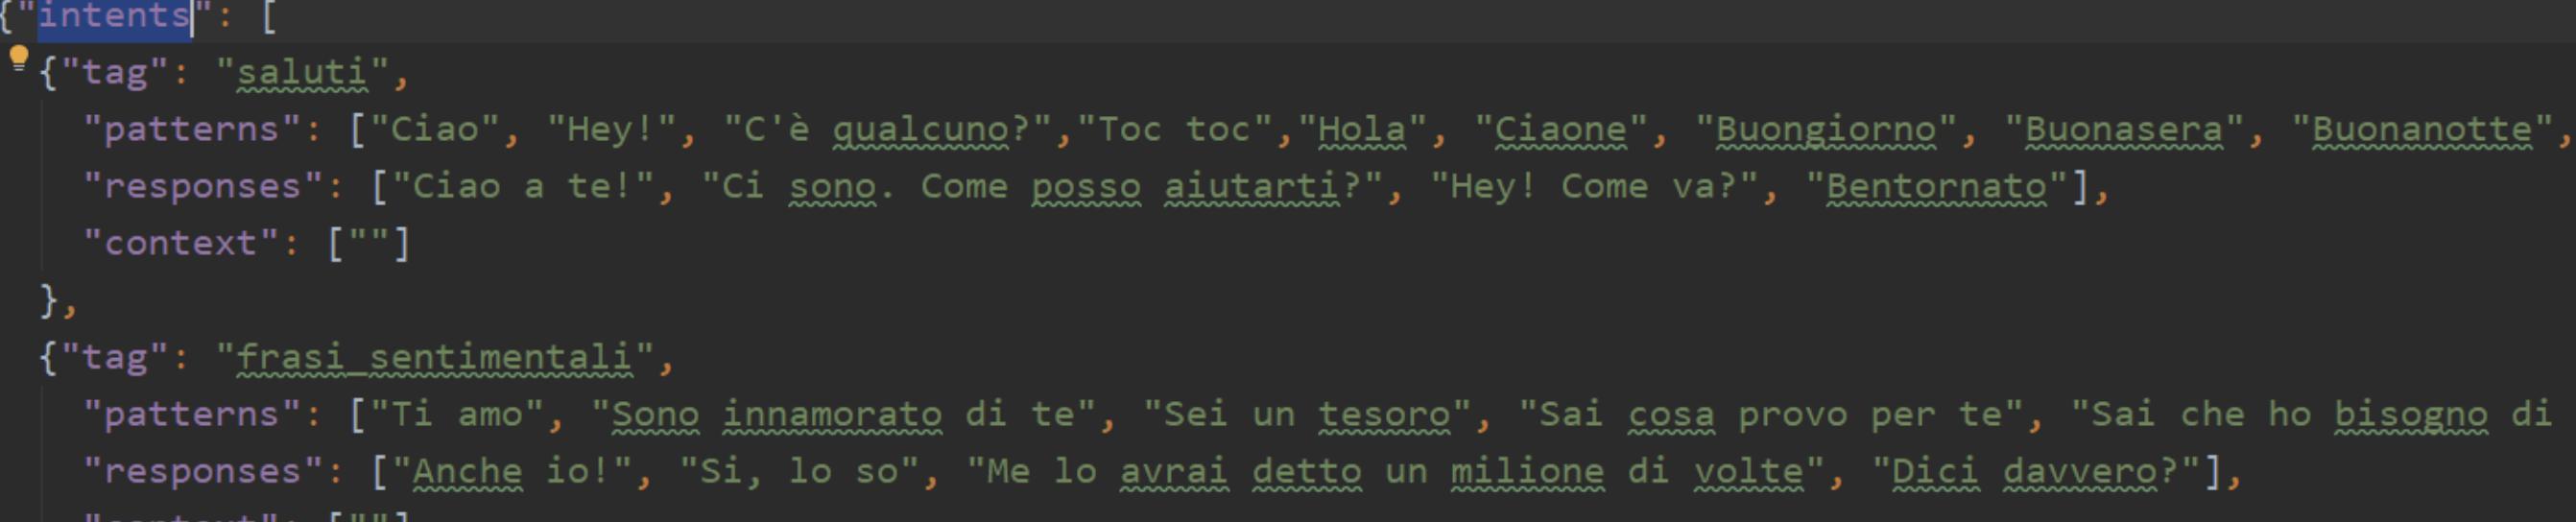 Costruire un chatbot in meno di un'ora prima di San Valentino, di Serena Sensini